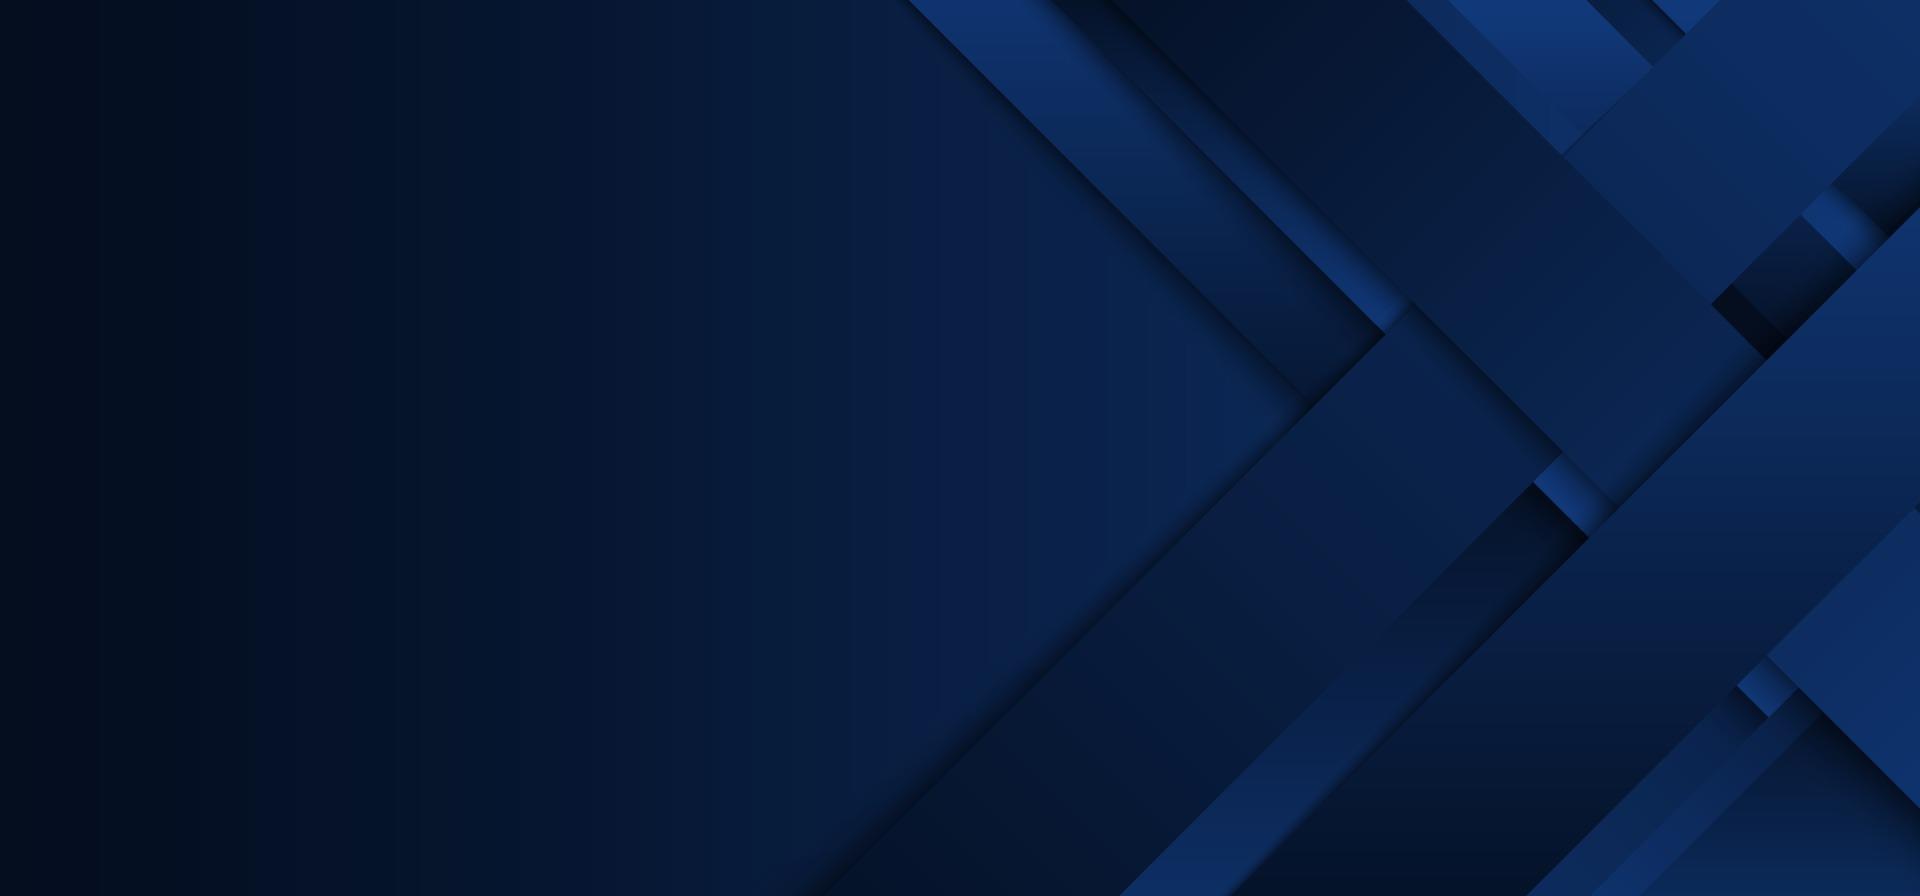 abstracte moderne blauwe strepen of rechthoeklaag die met schaduw op donkerblauwe achtergrond overlappen vector